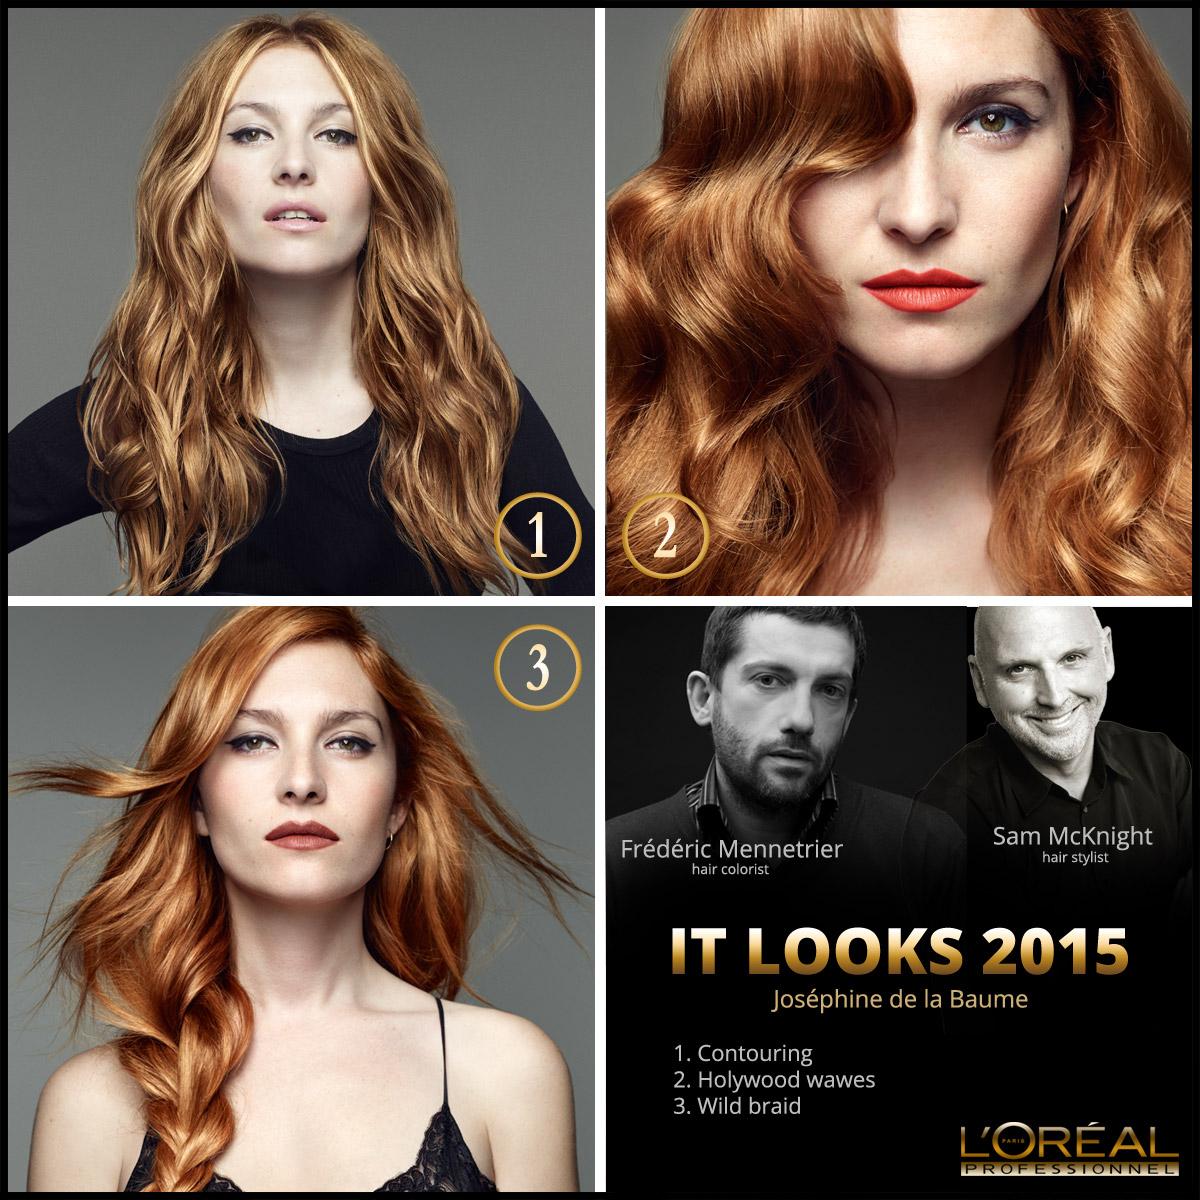 Nové účesy L'Oréal IT Looks 2015 pre tohtoročnú jeseň a zimu v podaní francúzskej herečky a modelky Joséphine de la Baume